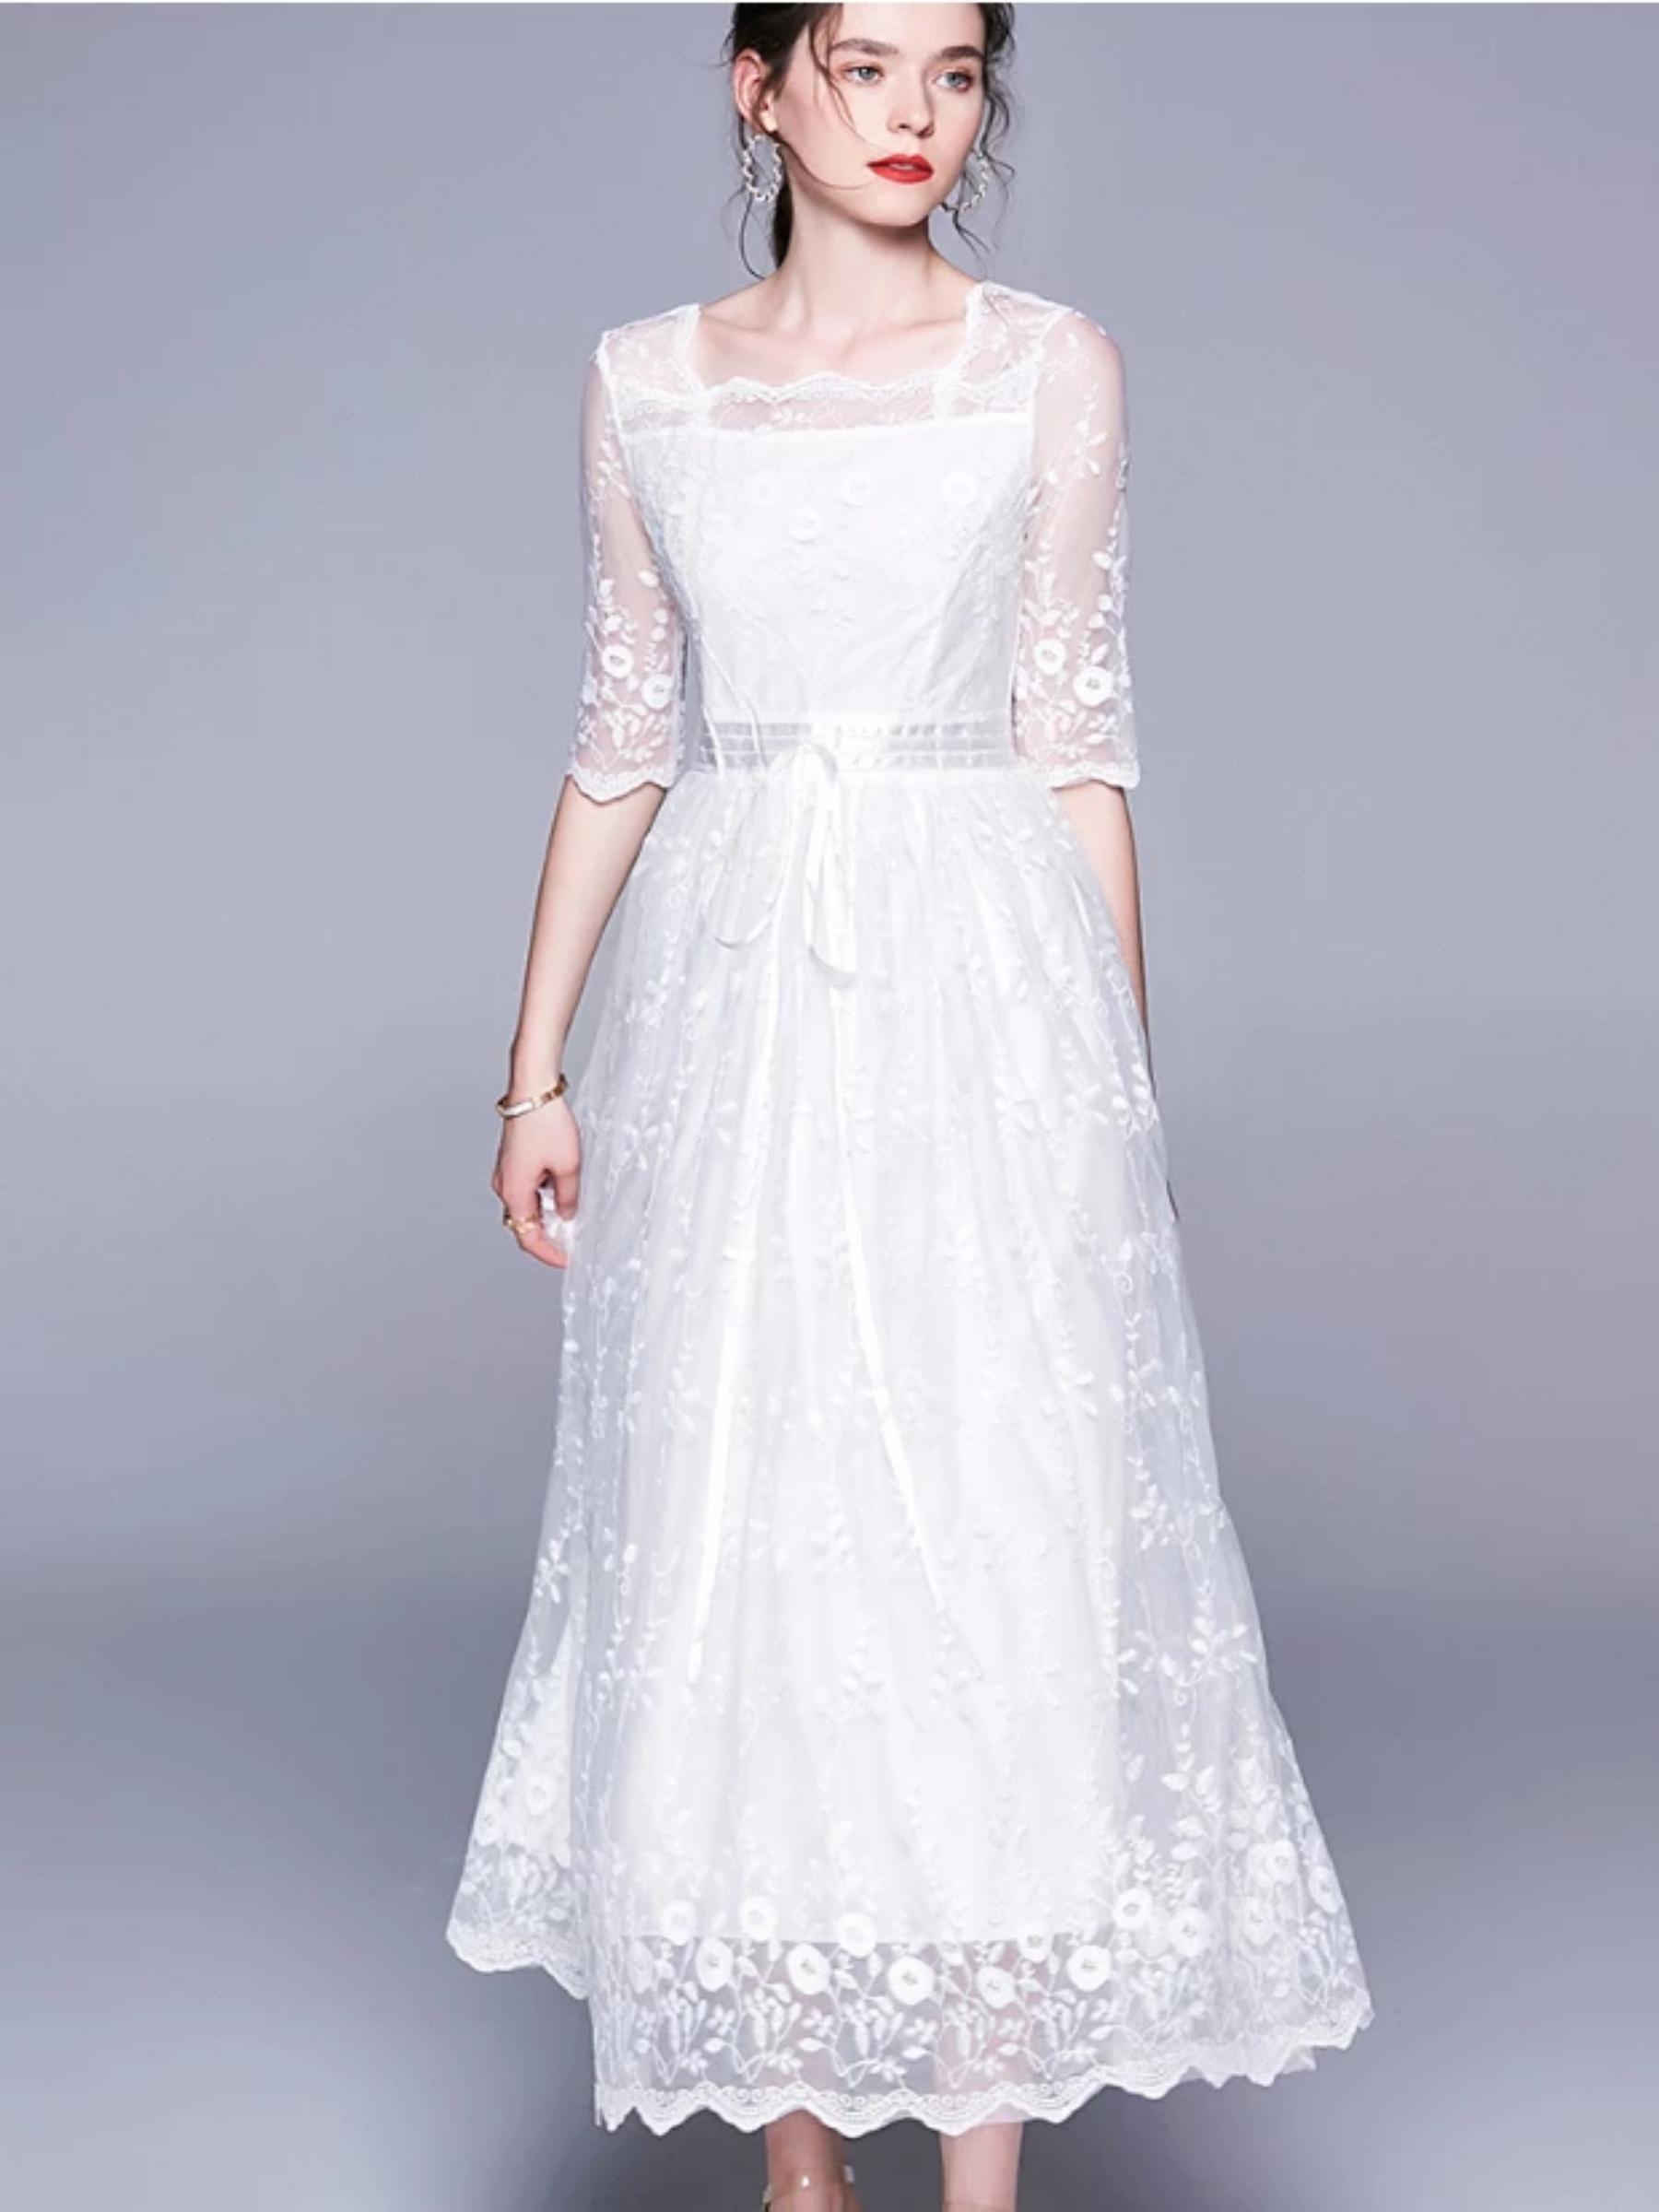 Cross Over Vintage Fairy Dress Super Fairy White Lace Dress Lace White Dress Boho Summer Dresses Lace Dress [ 2400 x 1800 Pixel ]